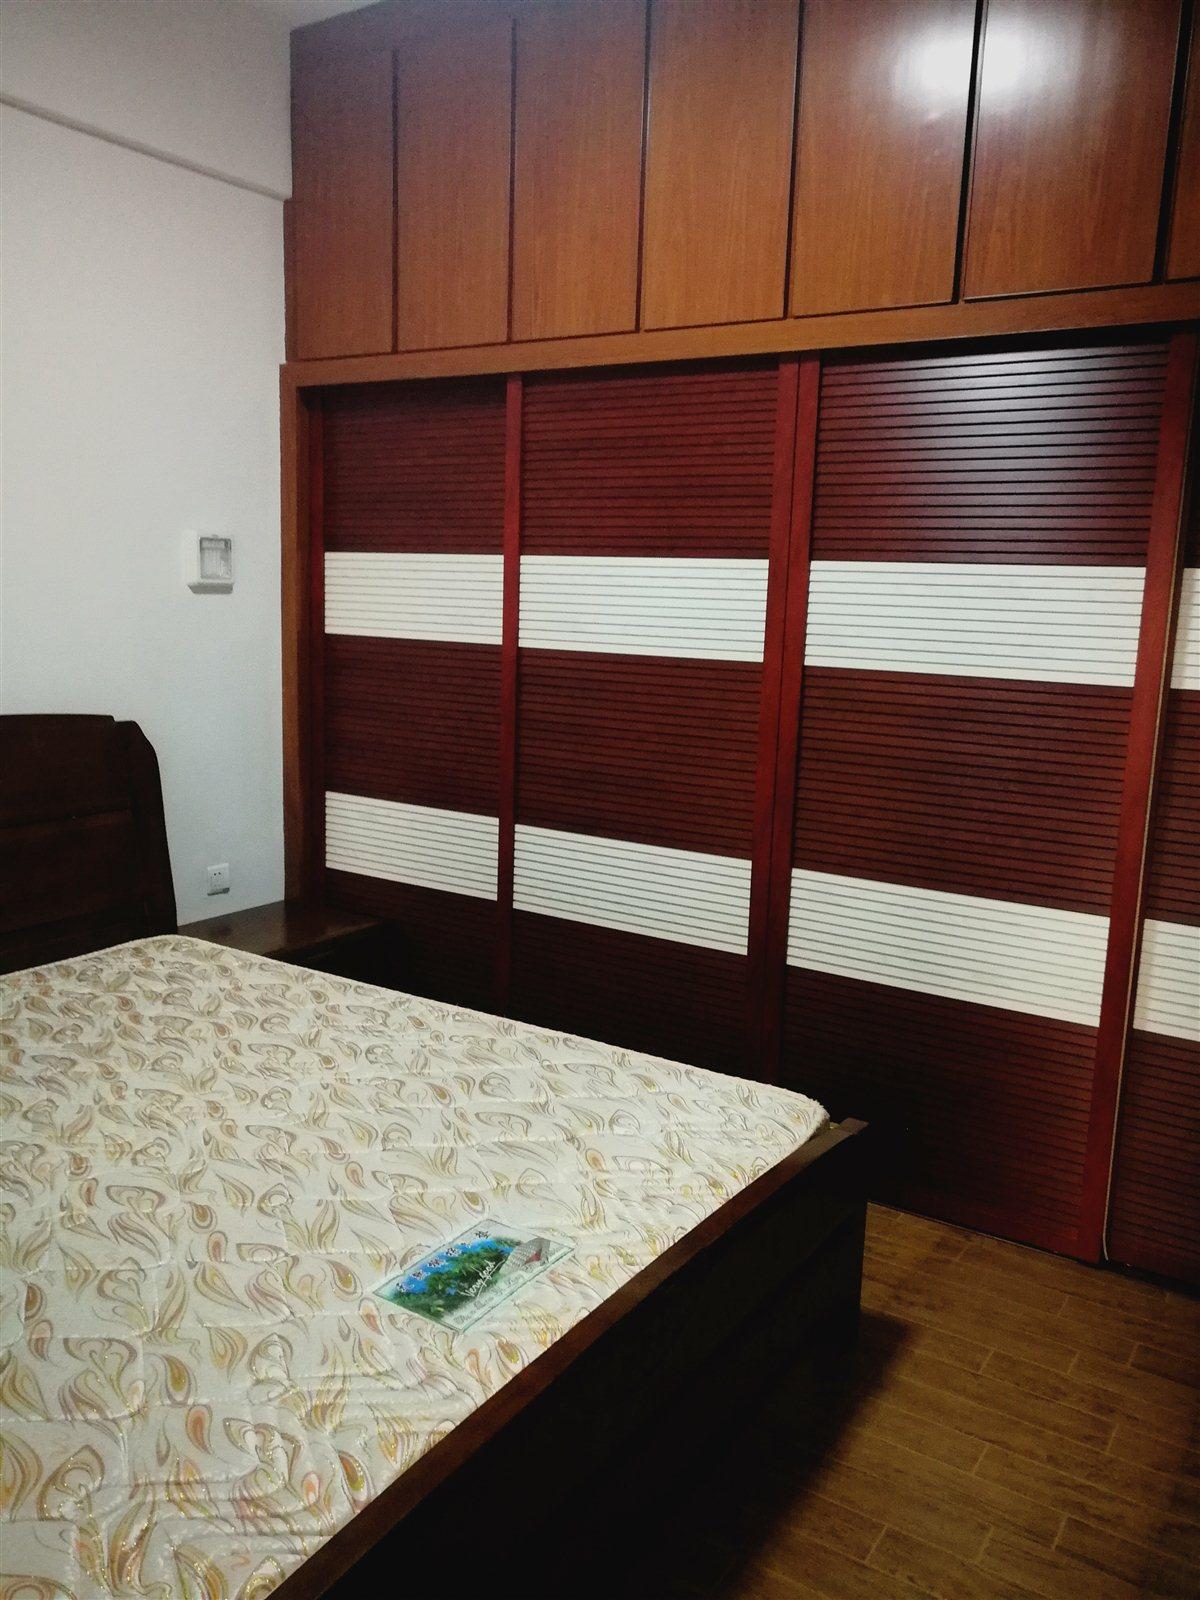 荣兴集团2室 1厅 1卫23.9万元